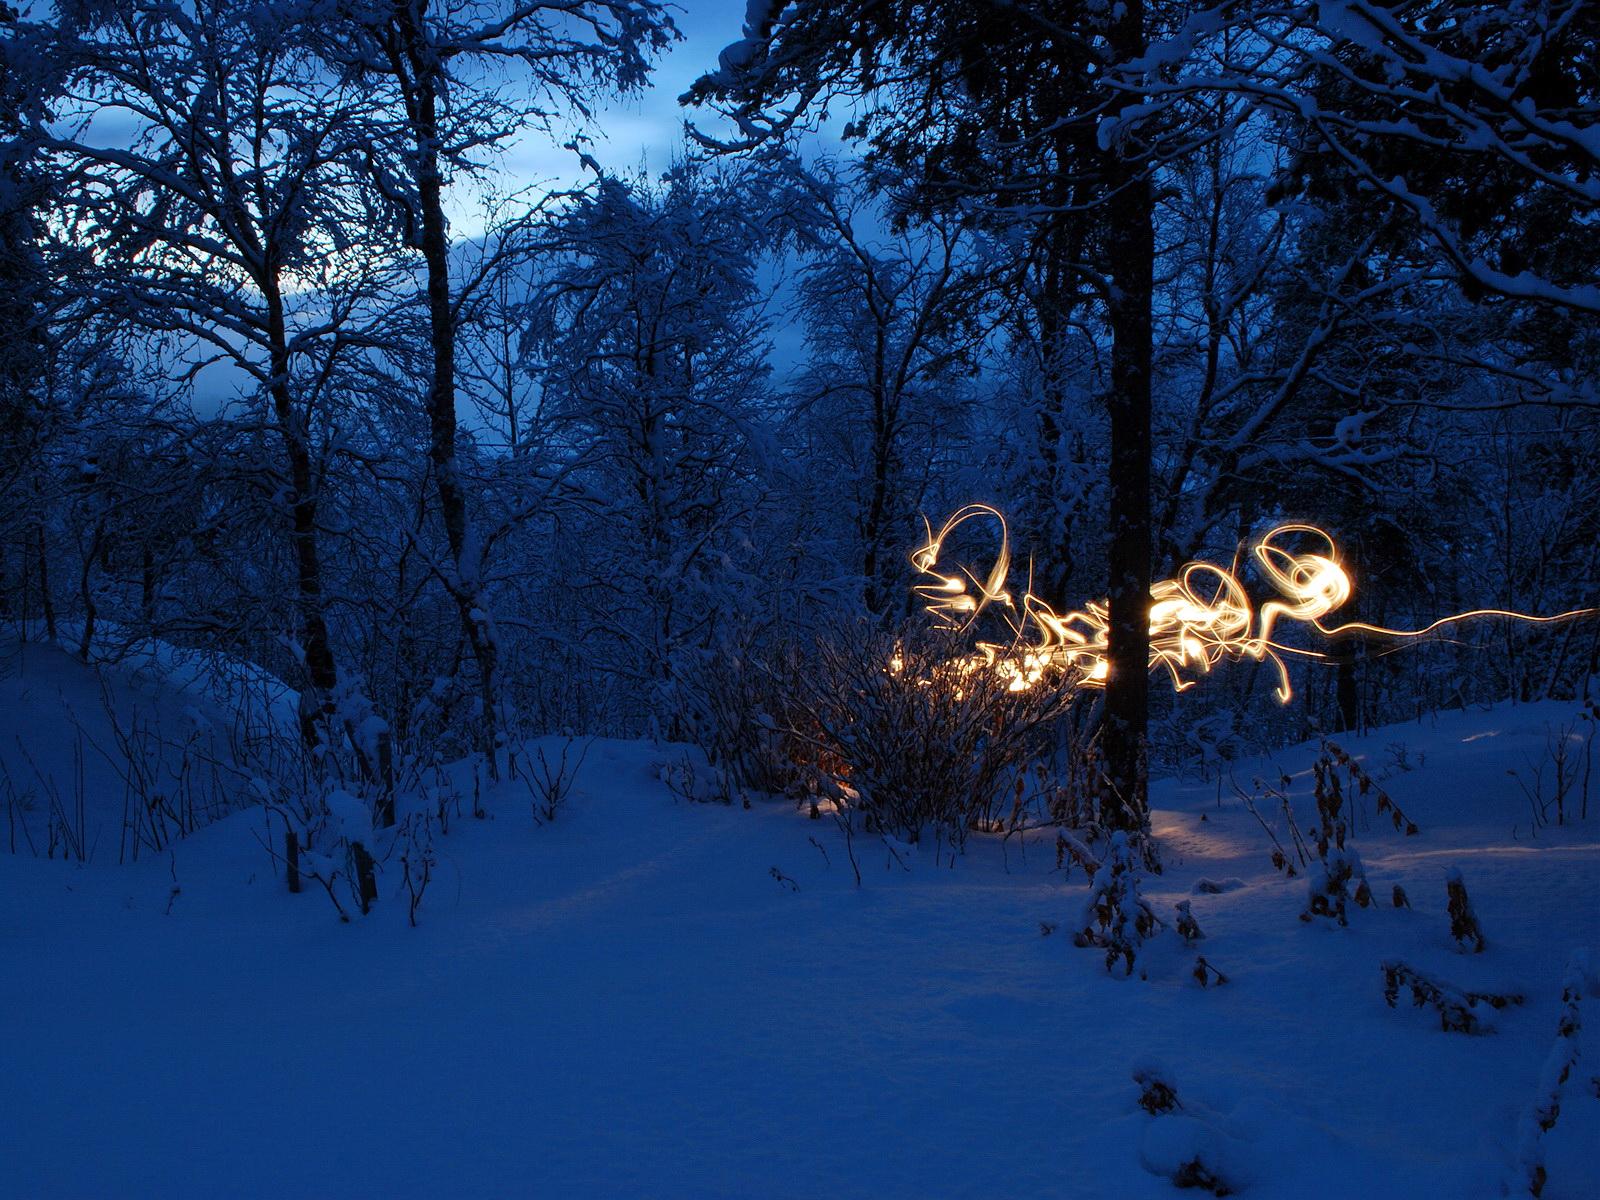 Fondos de pantalla estaciones del a o invierno nieve for Imagenes de patios de invierno